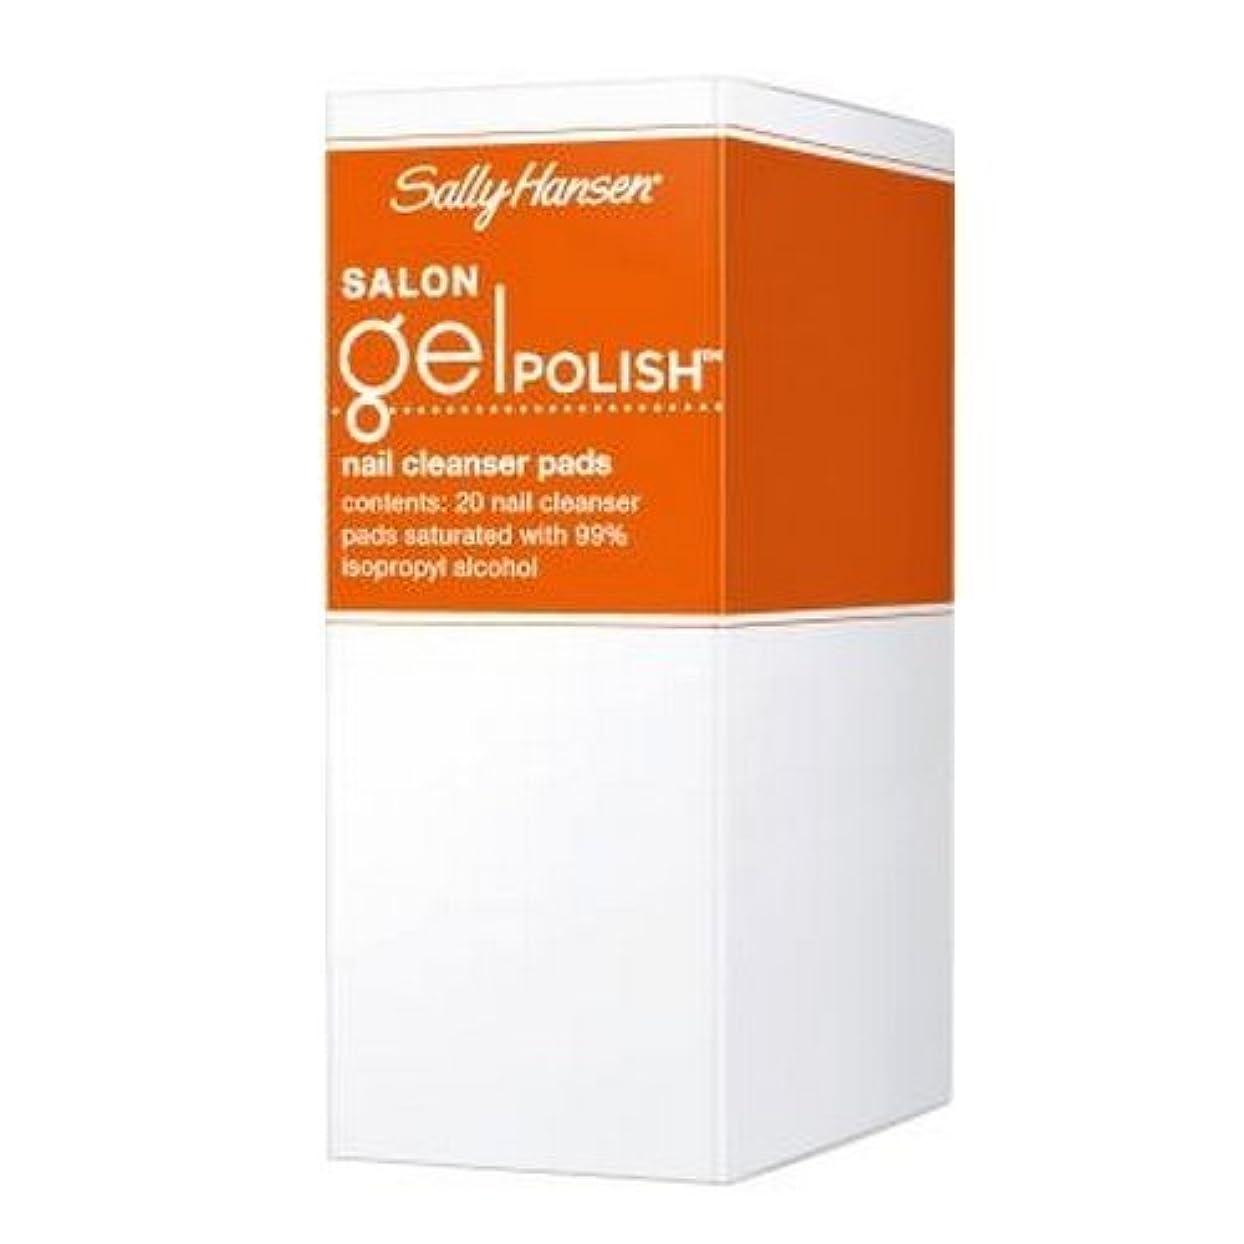 人種リズムわずかな(3 Pack) SALLY HANSEN Salon Gel Polish Nail Cleanser Pads - Gel Polish Cleanser Pads (並行輸入品)